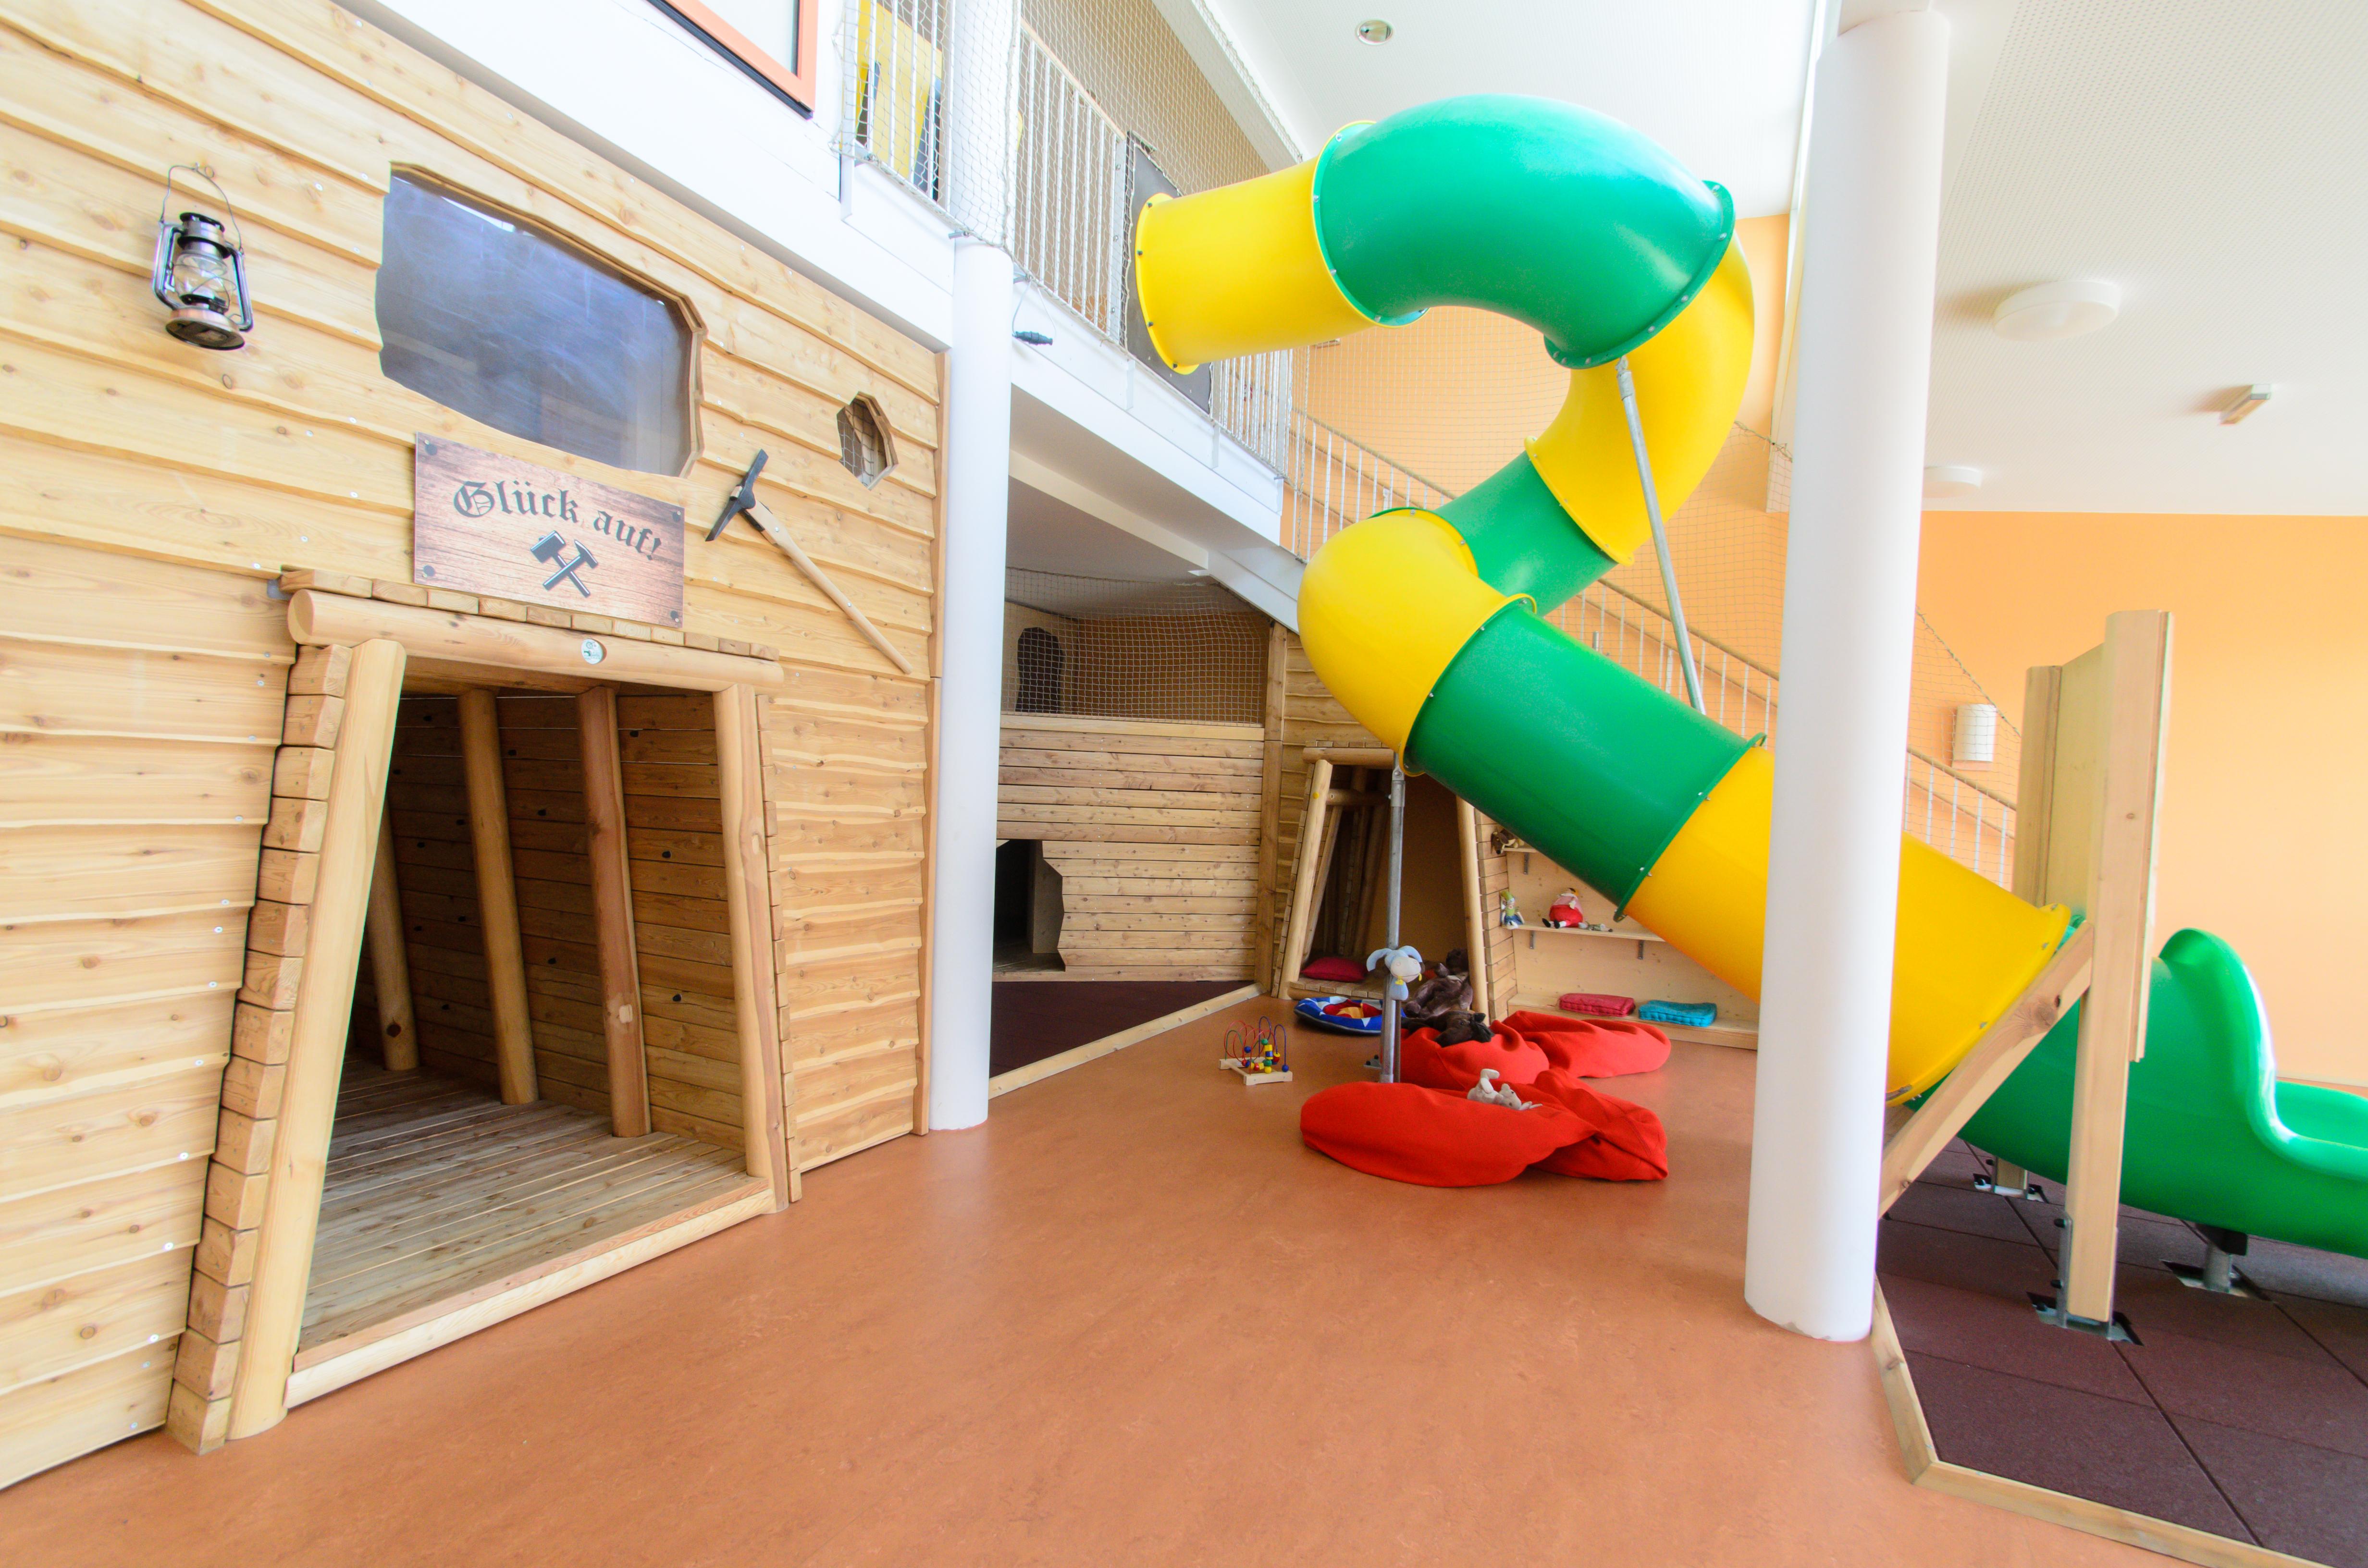 Indoorspielbereich mit großer Rutsche im JUFA Hotel Knappenberg. Der Ort für erholsamen Familienurlaub und einen unvergesslichen Winter- und Wanderurlaub.